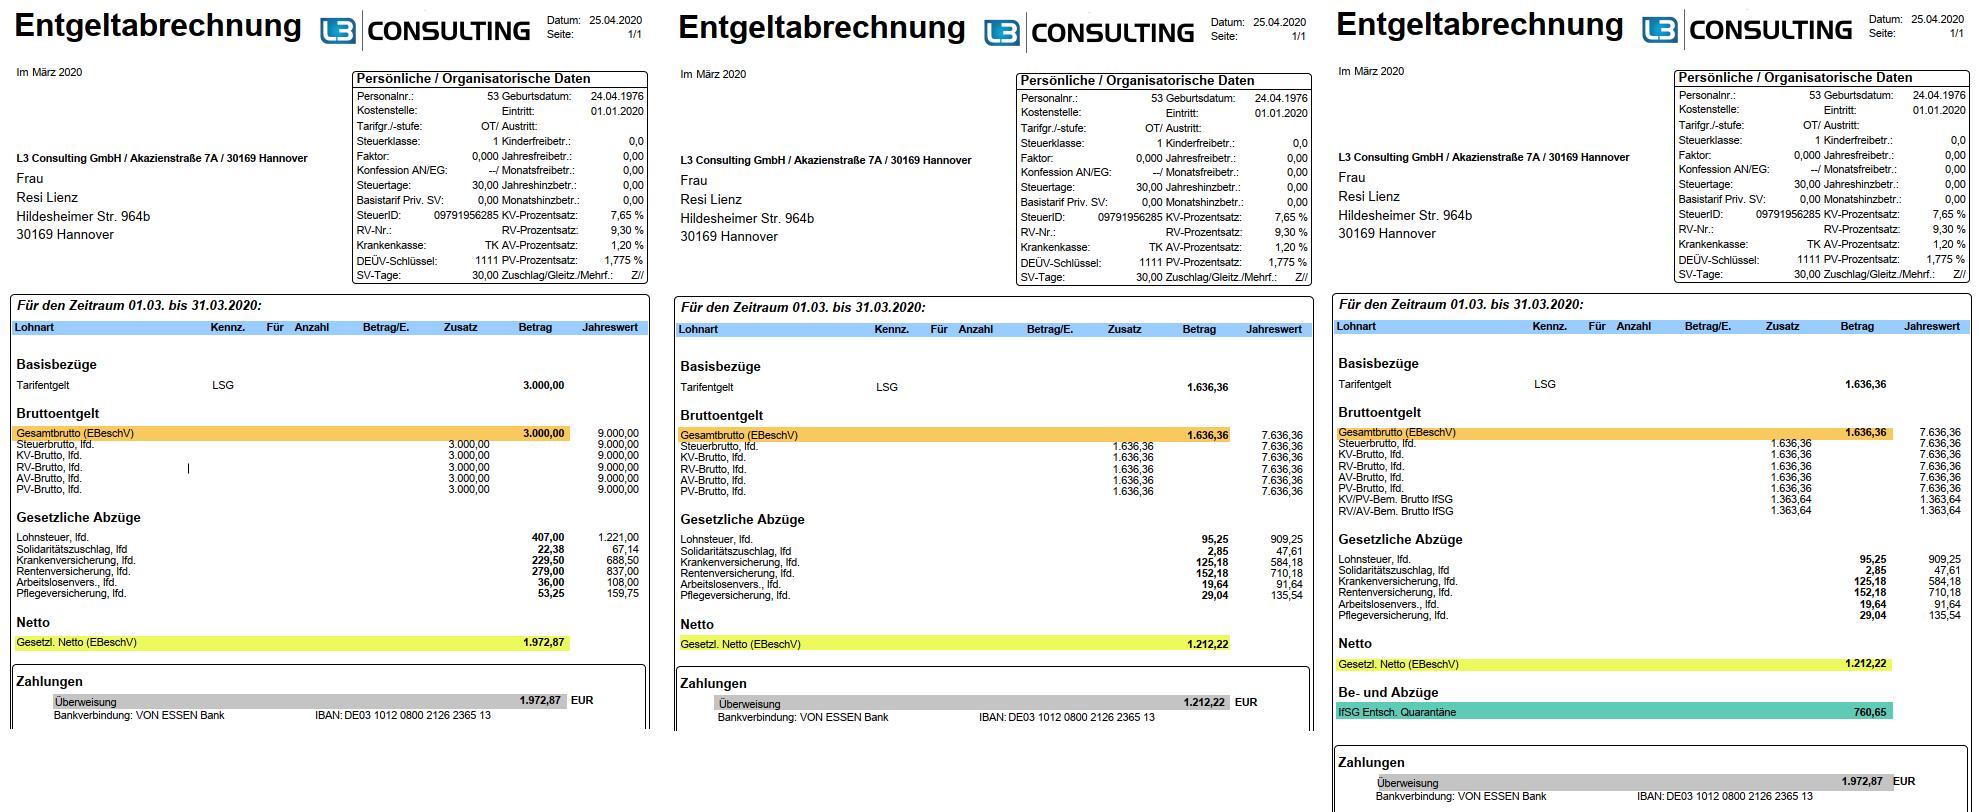 Beispiel-Entgeltnachweis mit untermonatiger Quarantäne nach dem IfSG im SAP HCM